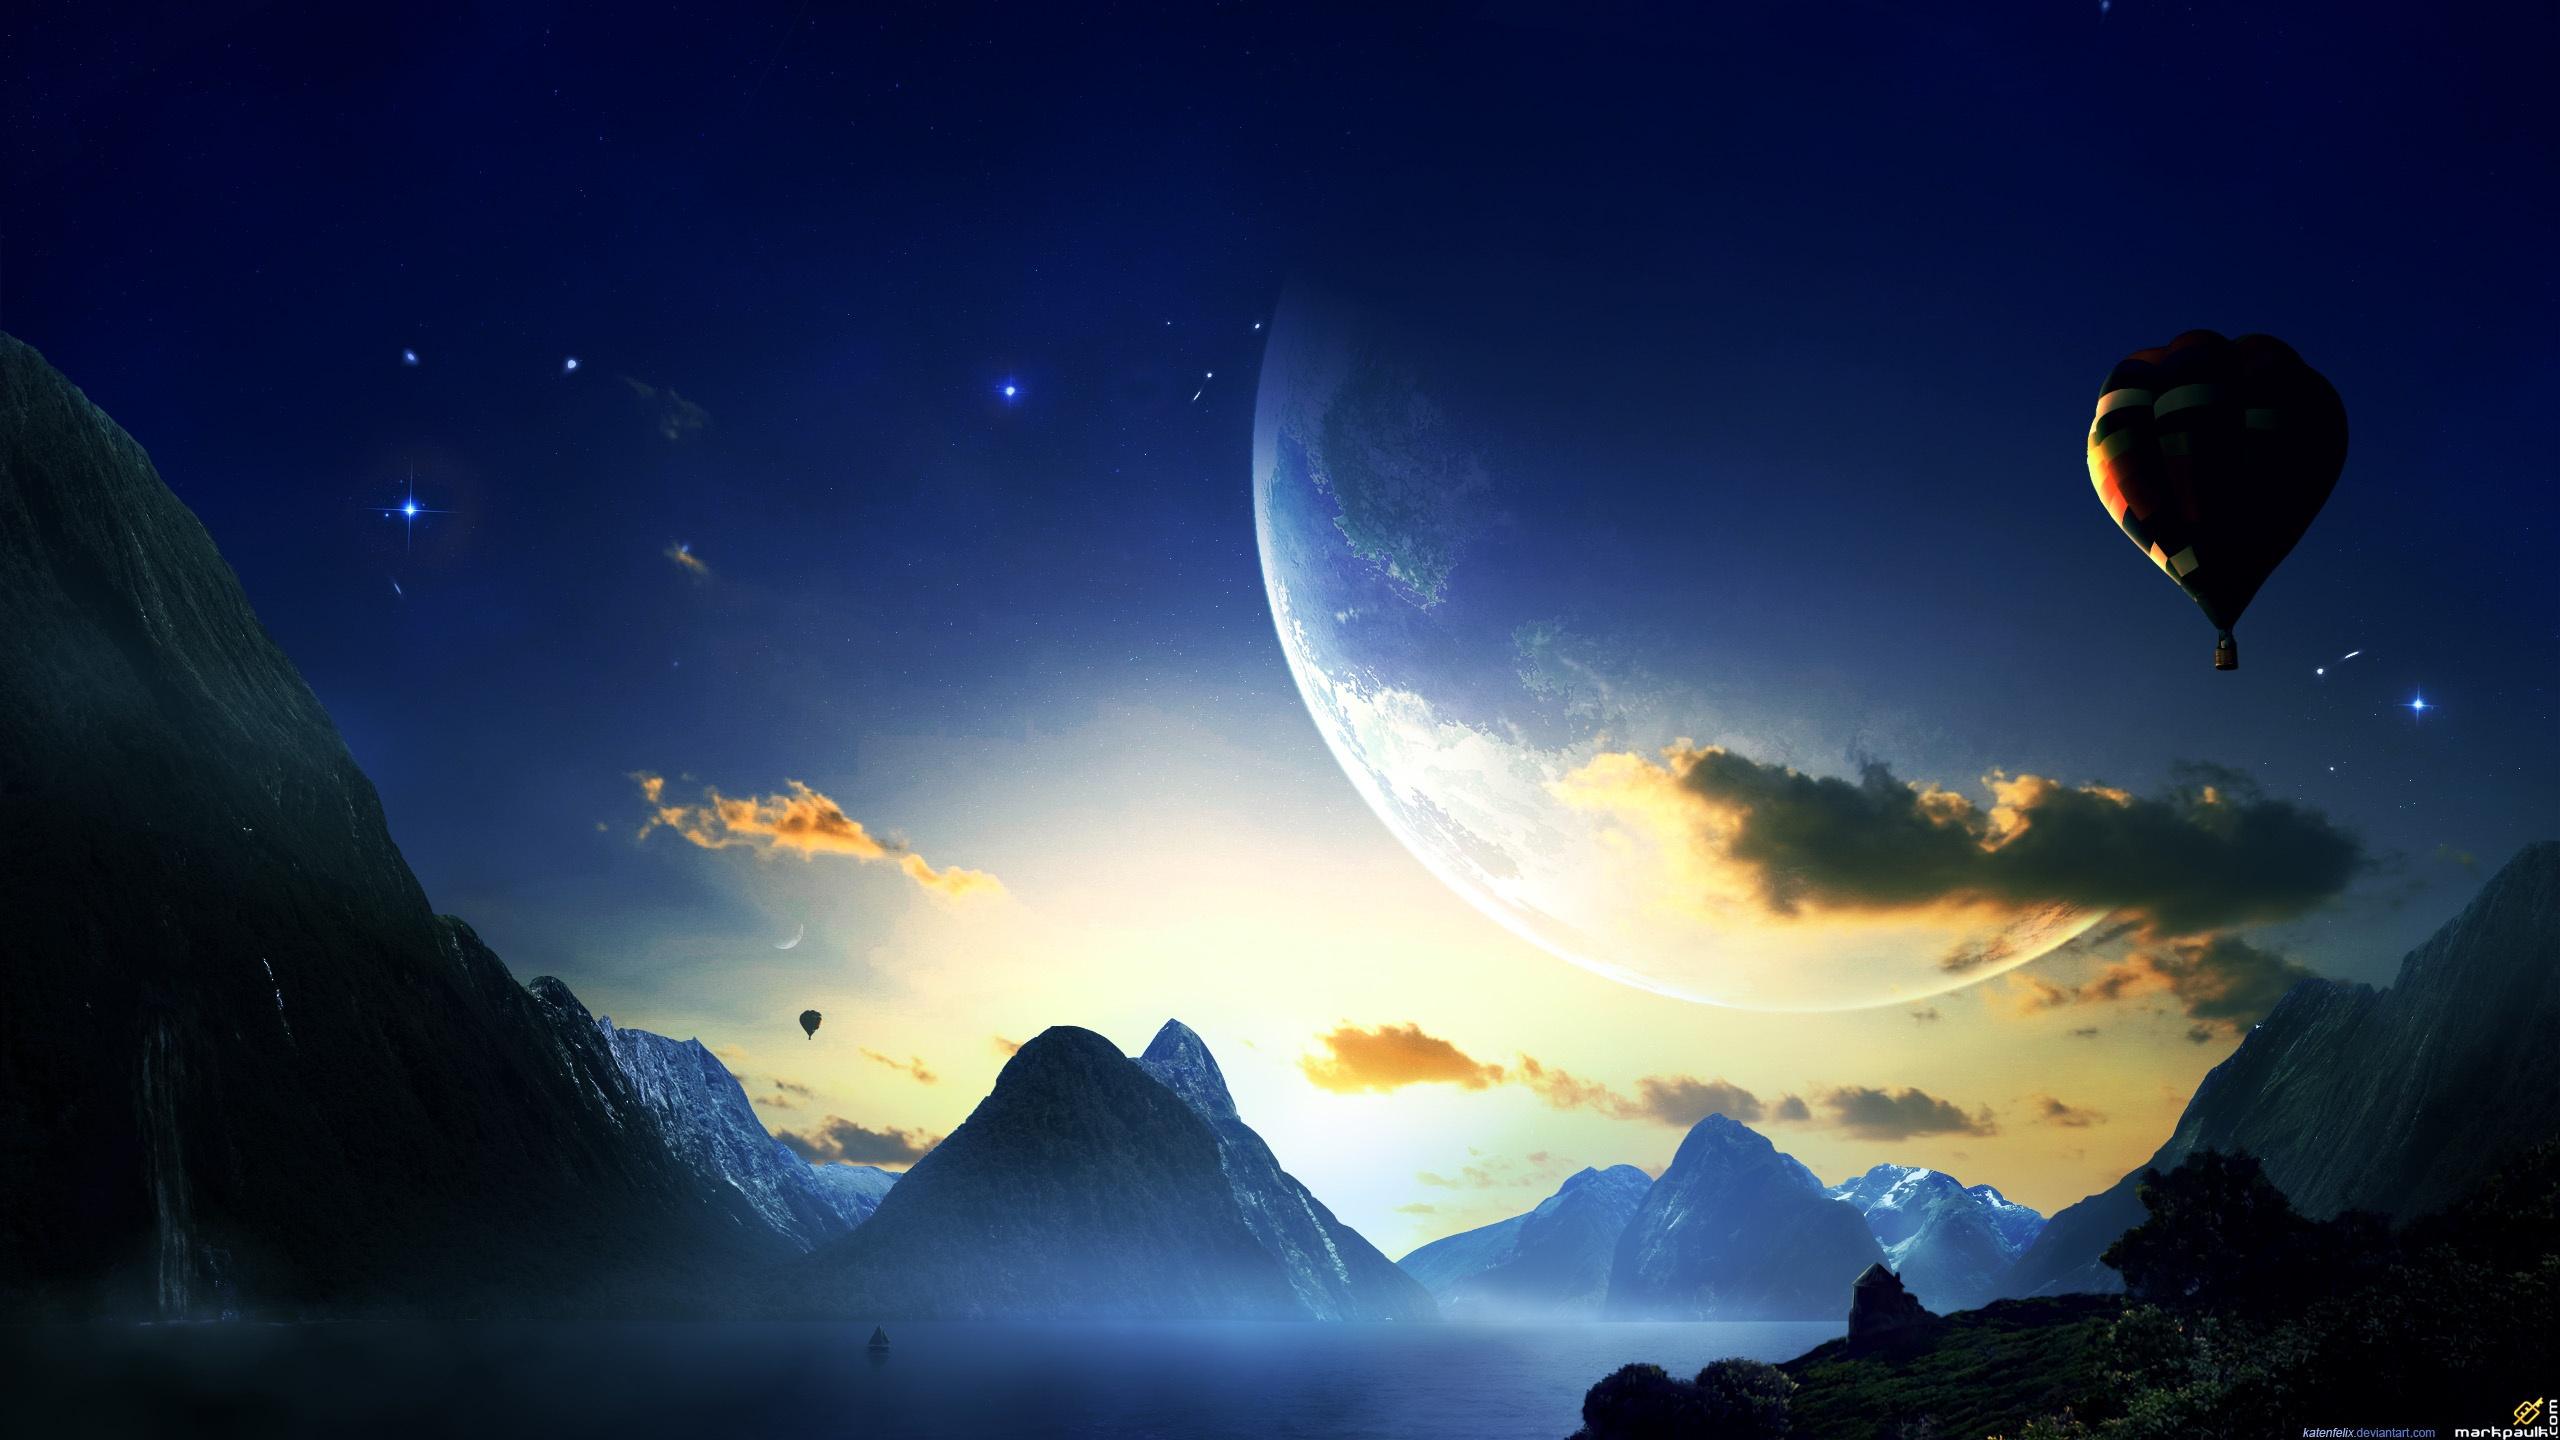 картинки полет лунное небо ночь регулярно получаем заказы